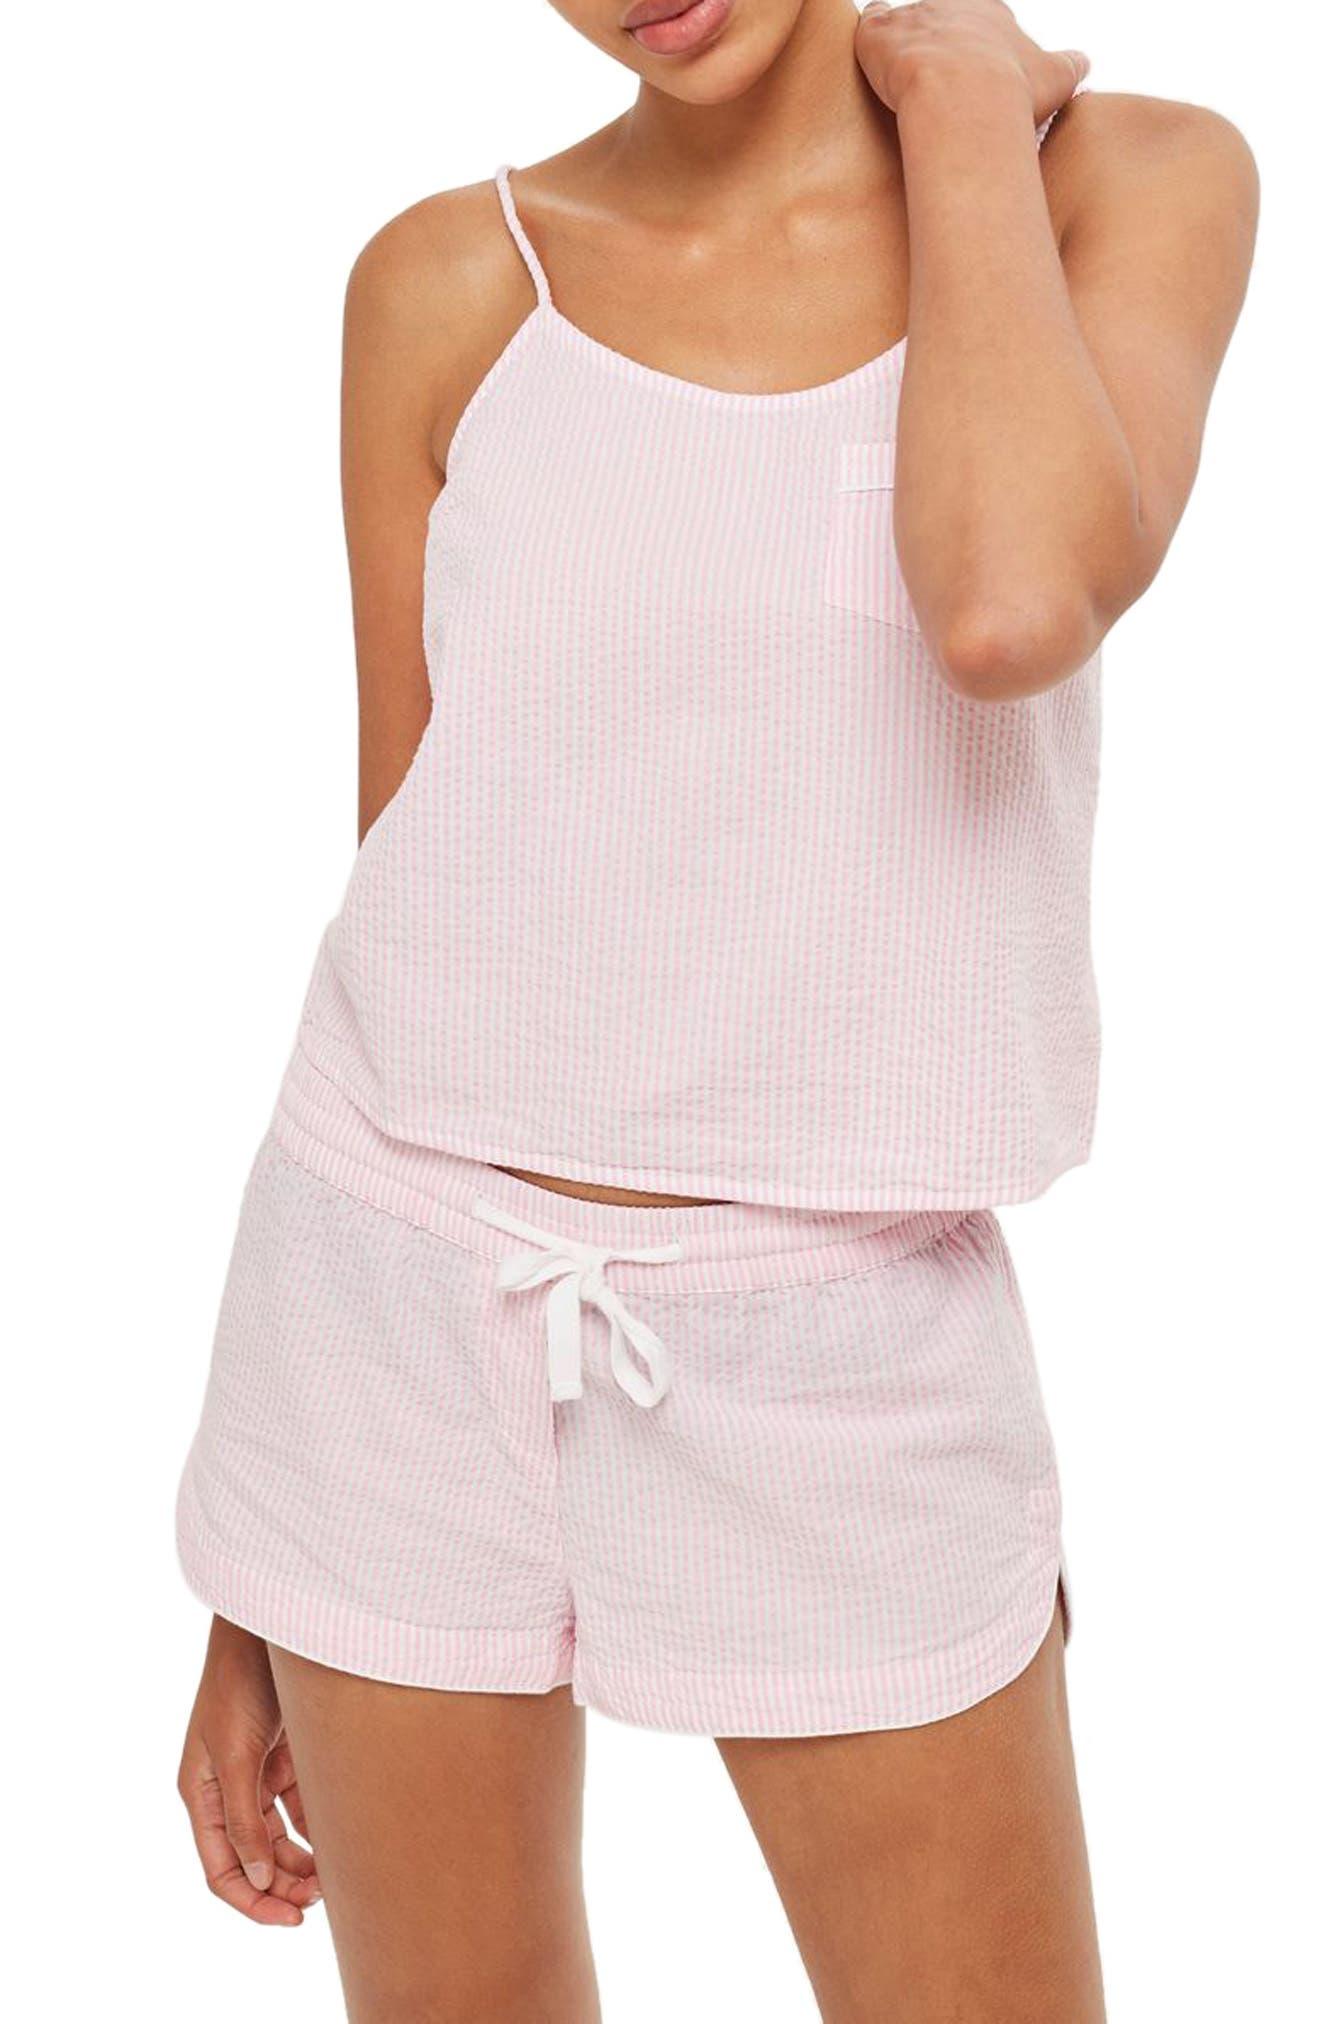 Topshop Seersucker Short Pajamas